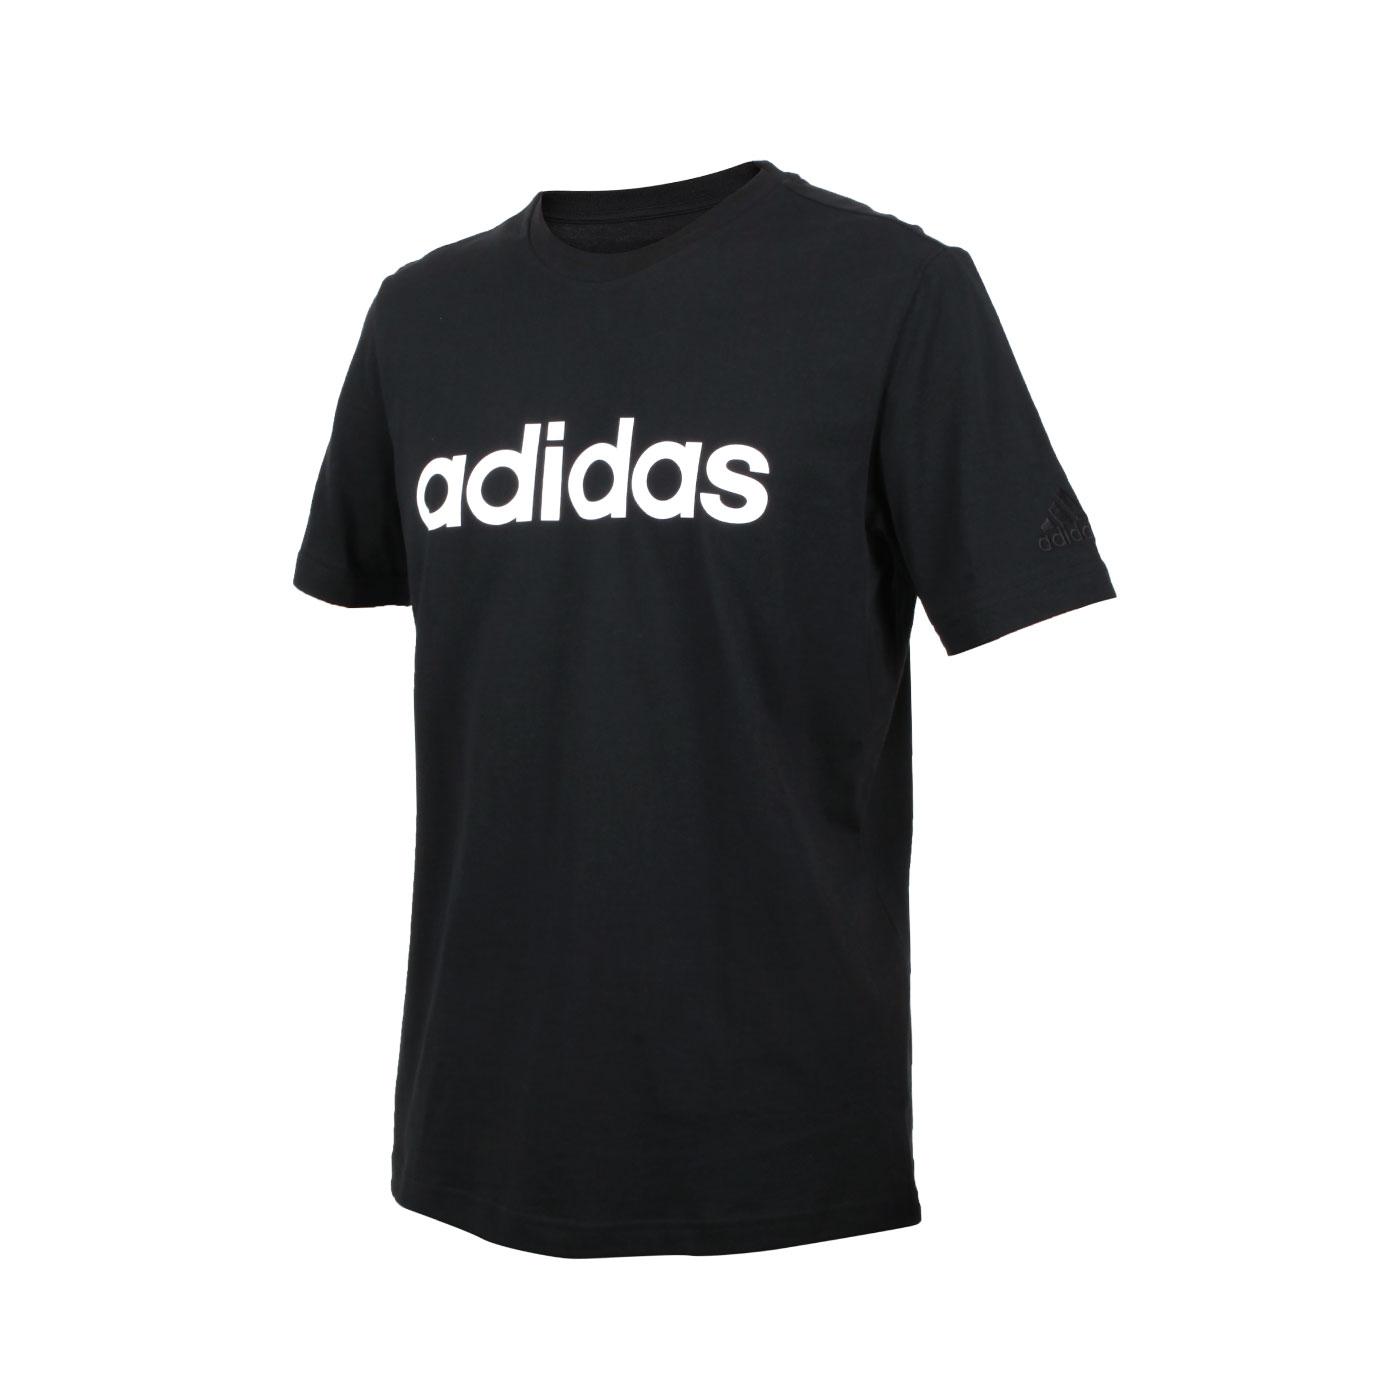 ADIDAS 男款短袖T恤 GL0057 - 黑白